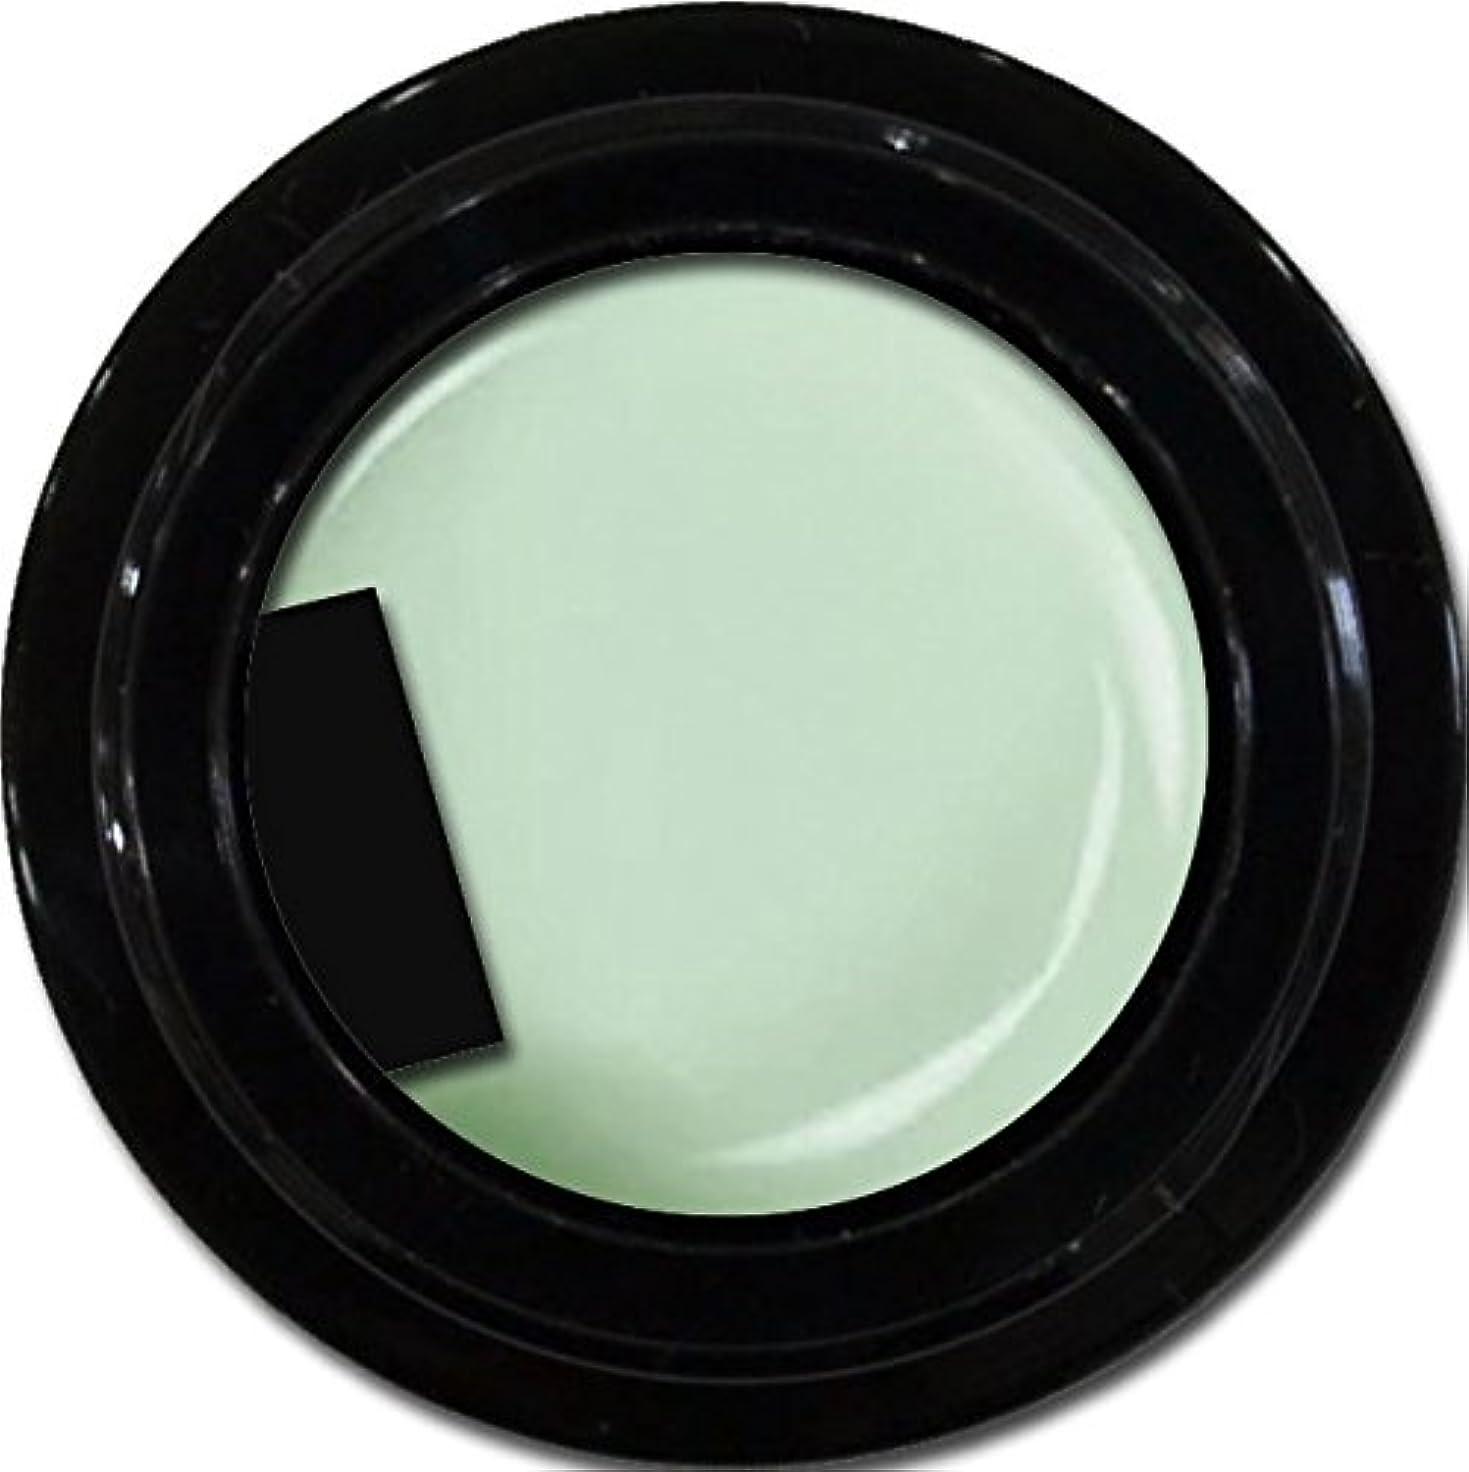 虎落ち着く手順カラージェル enchant color gel M703 MintDesign 3g/ マットカラージェル M703 ミントデザイン 3グラム